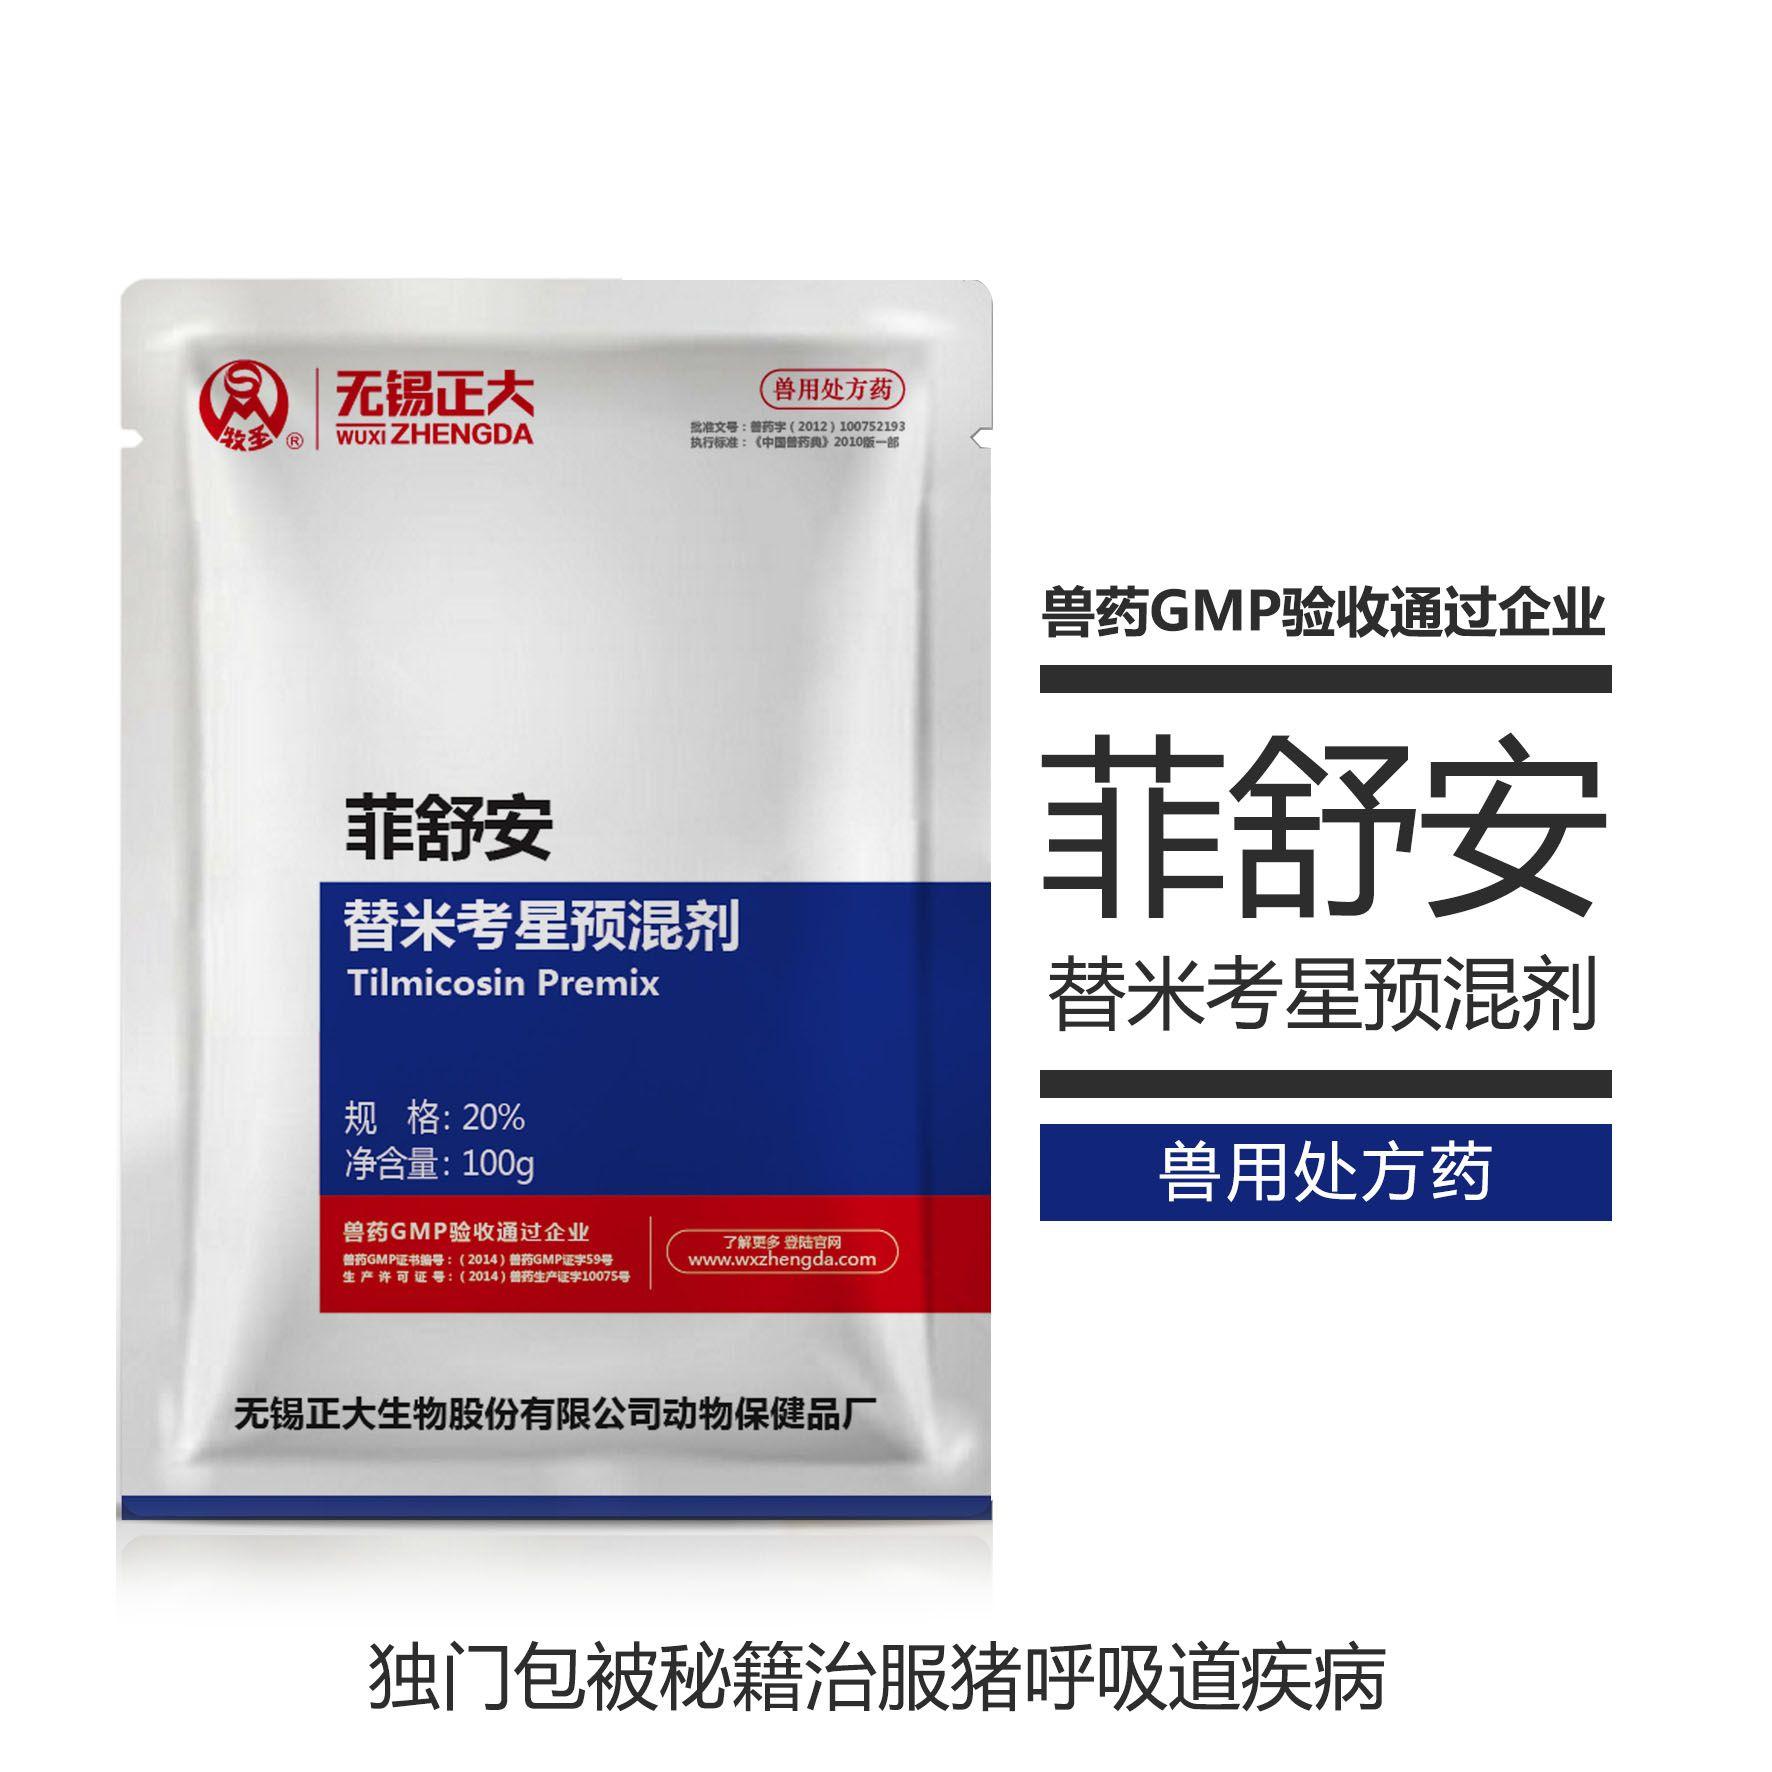 【无锡正大】菲舒安 20%磷酸替米考星预混剂  100g*100包